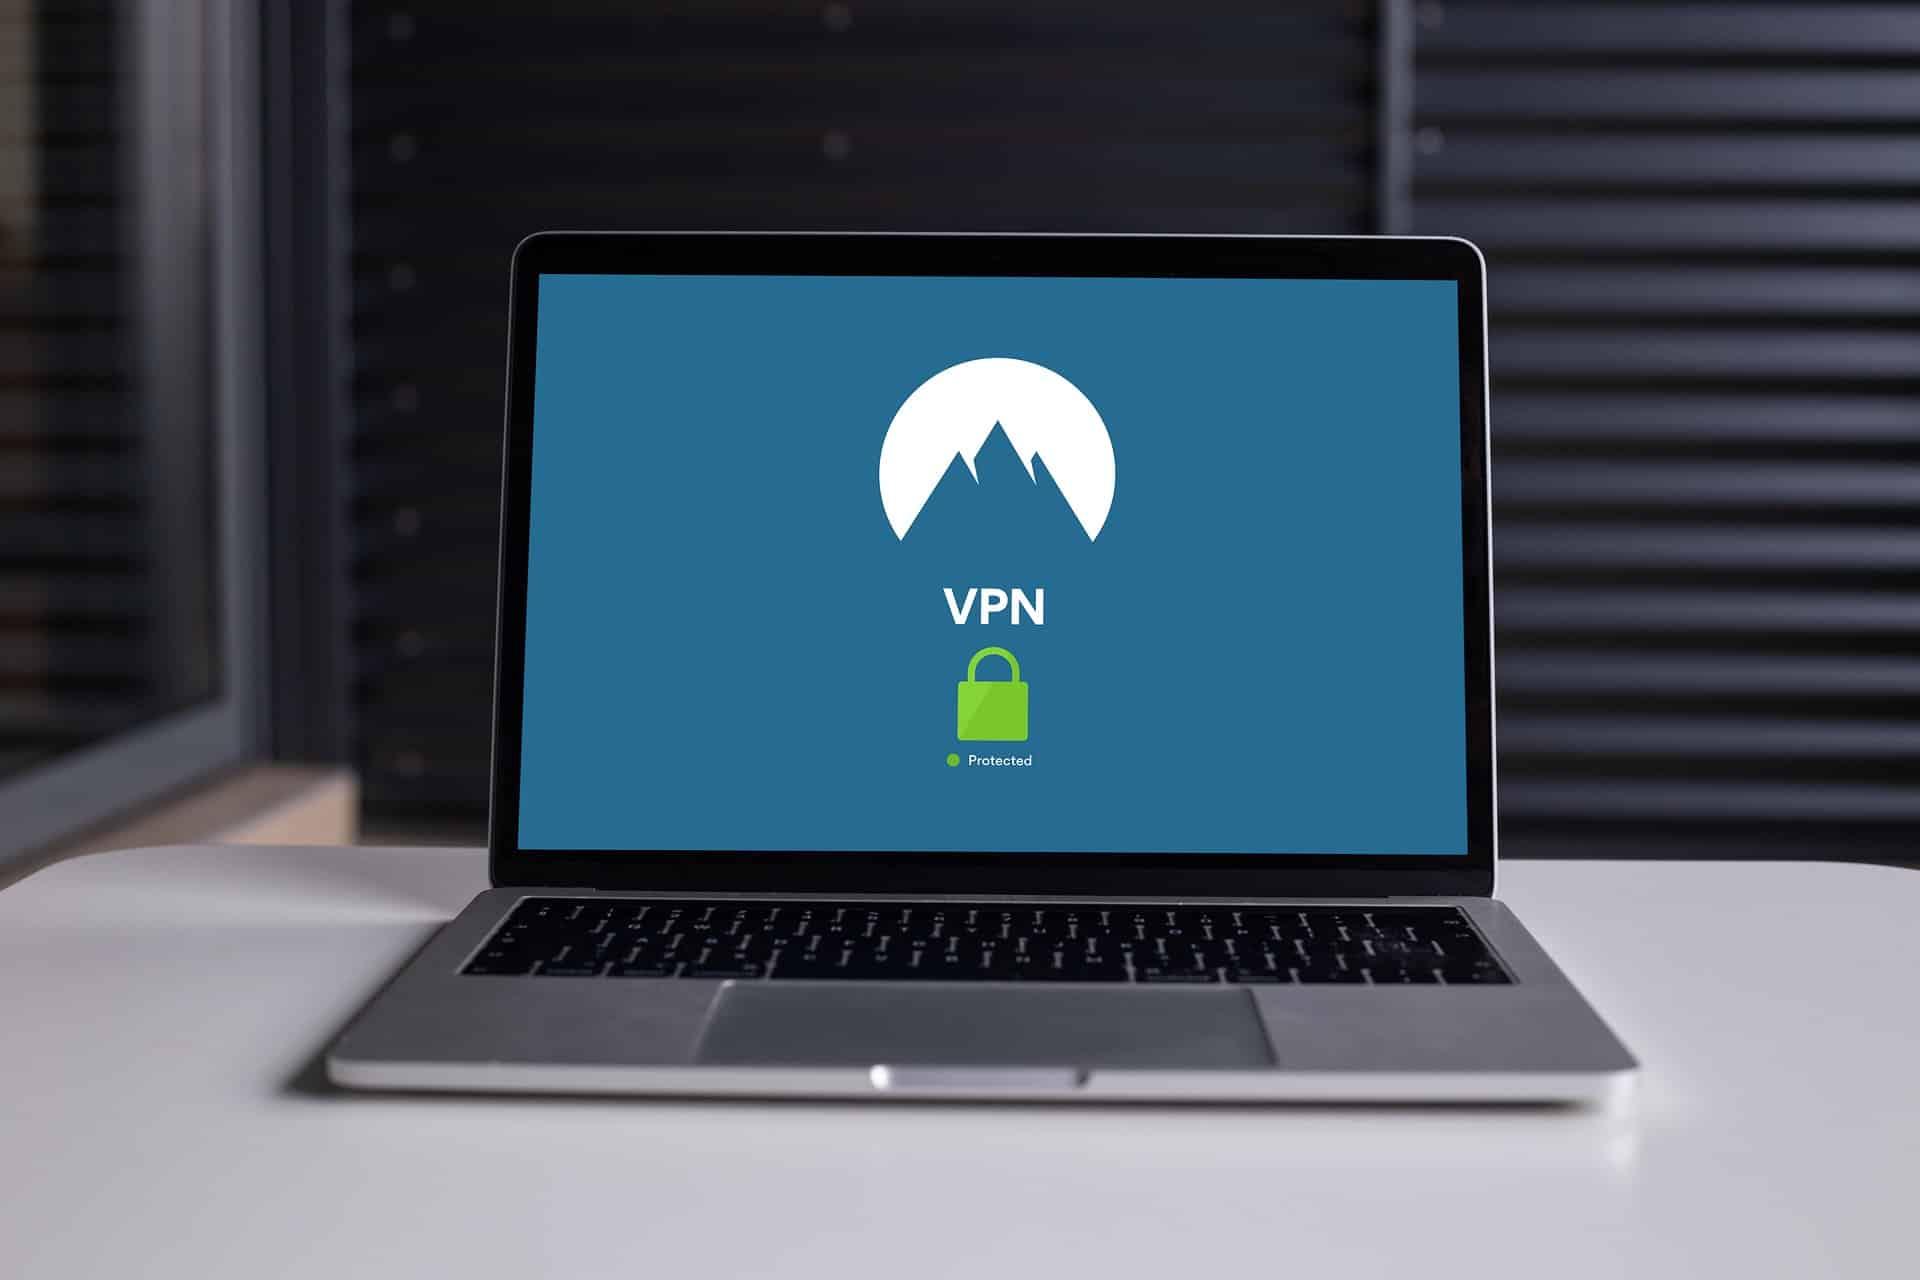 vpn on the Macbook